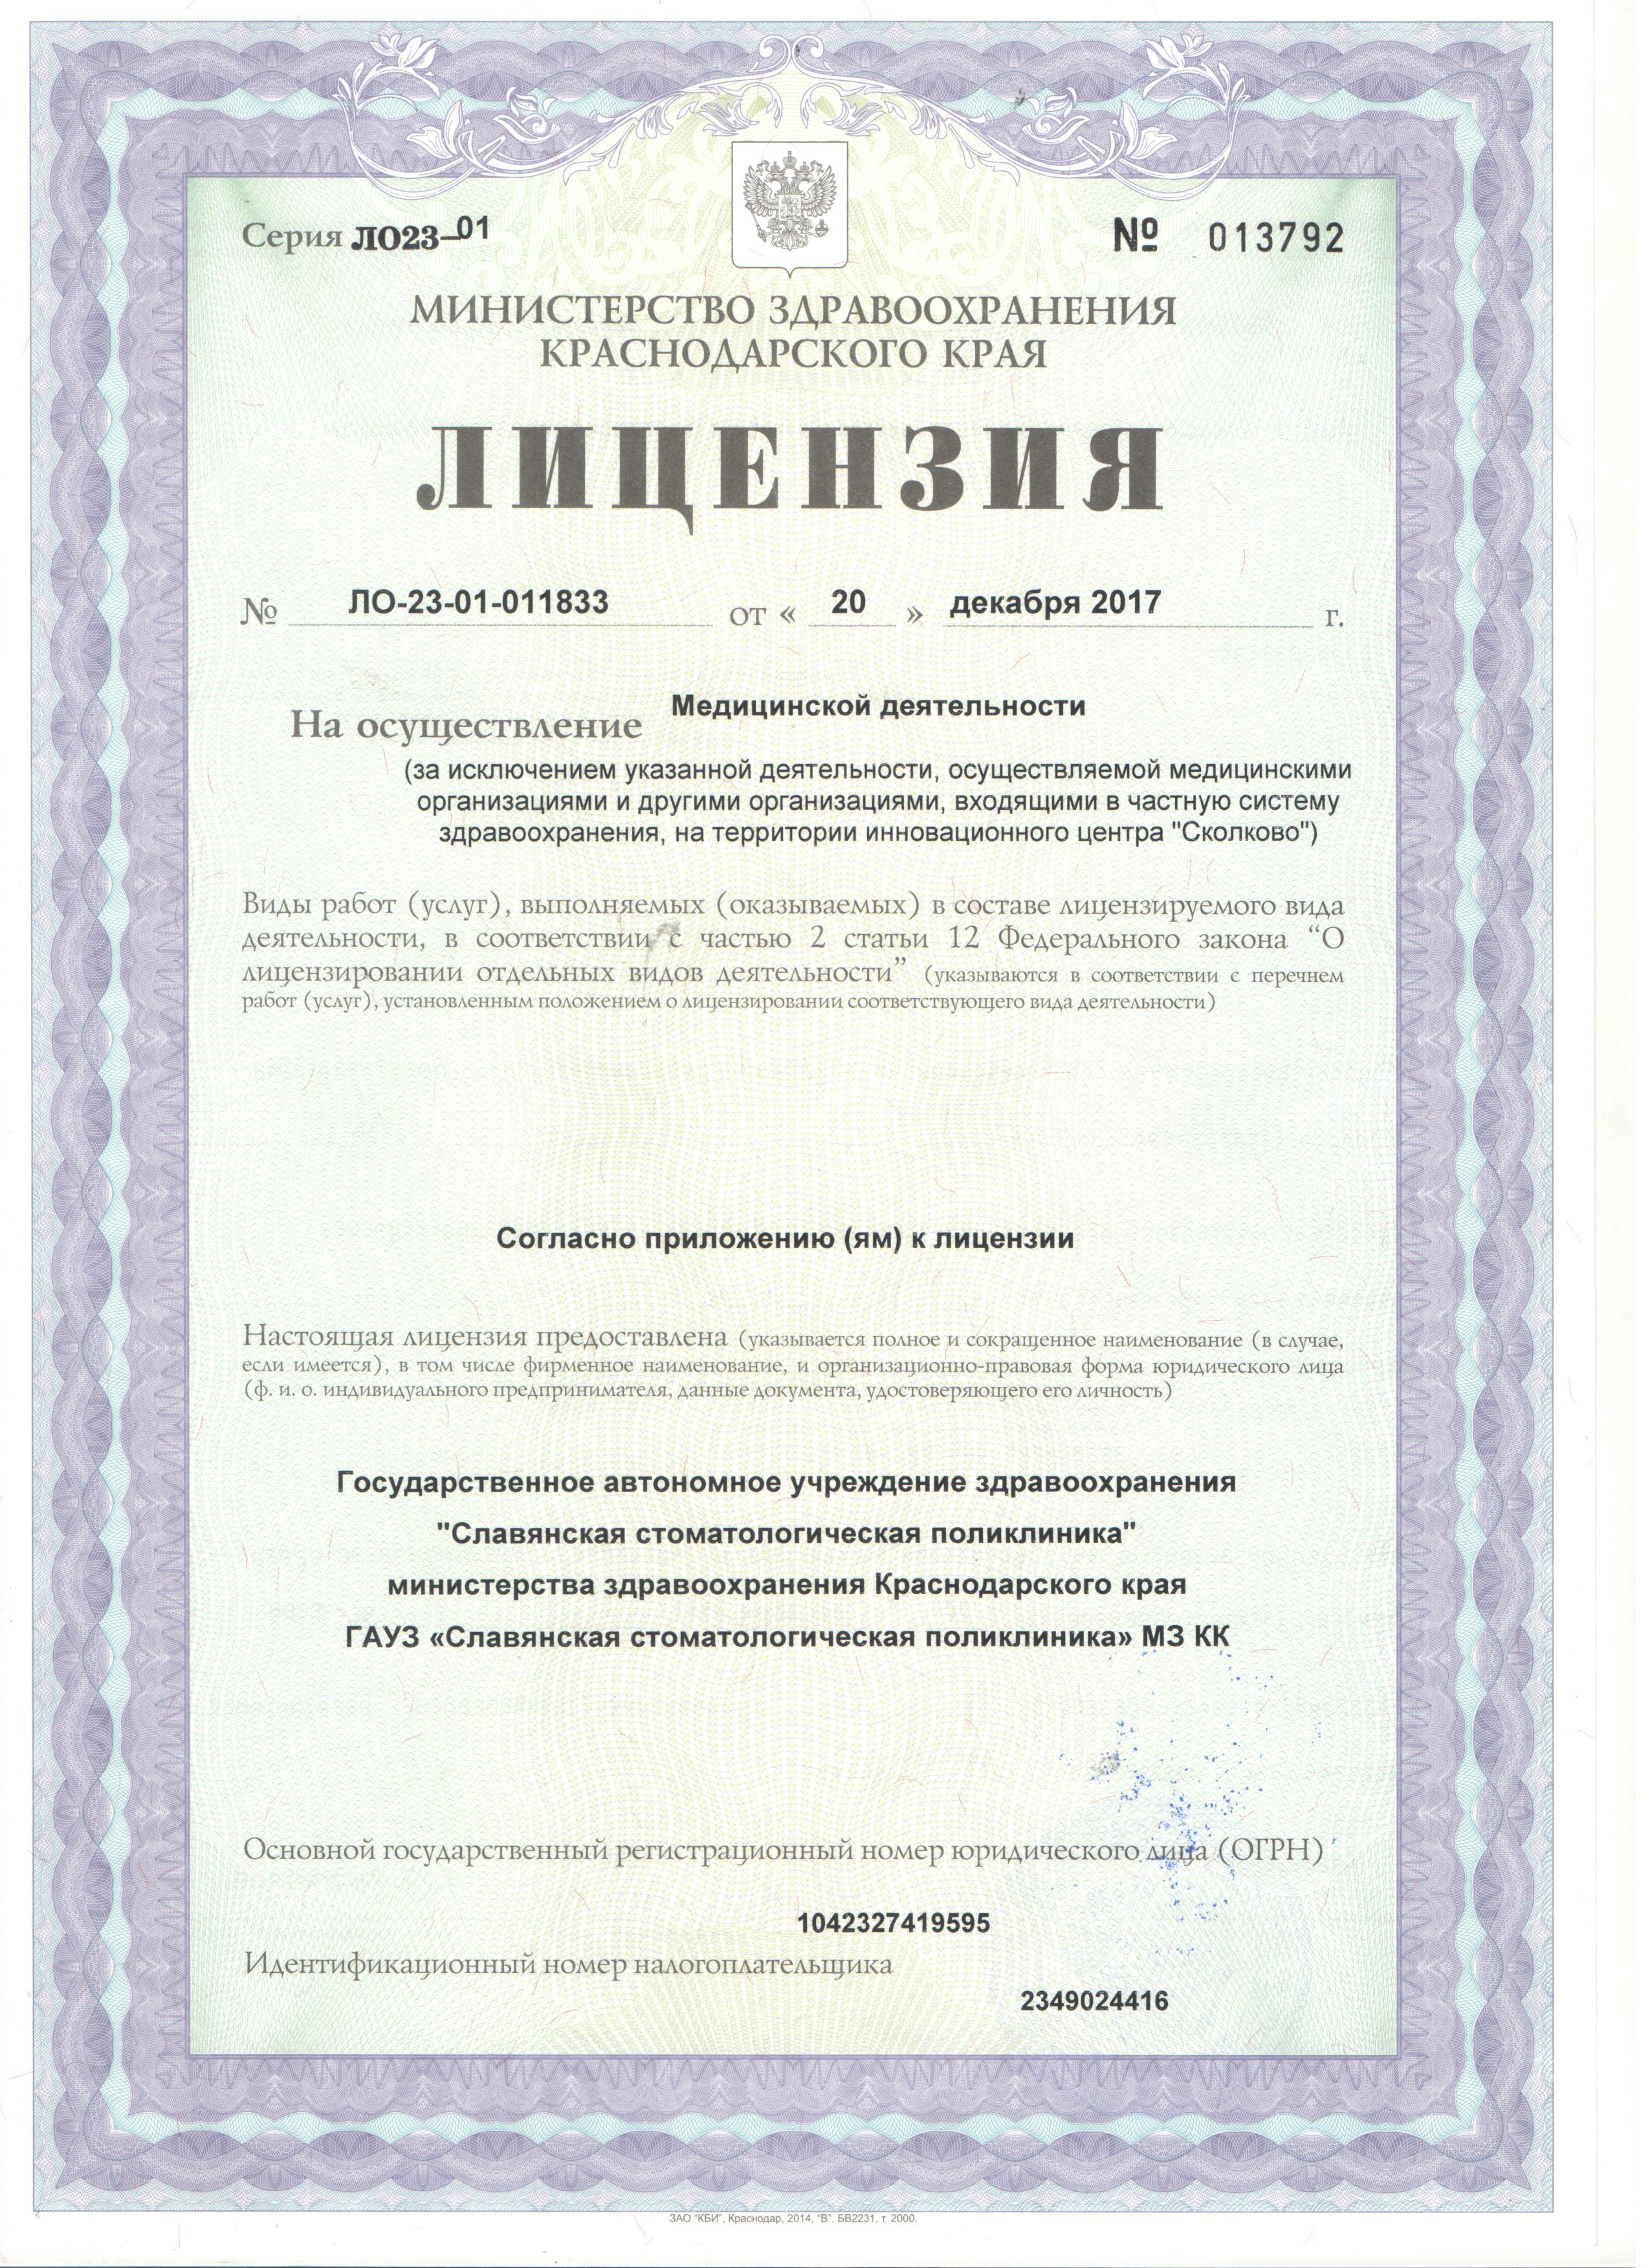 ЛО-23-01-011833 выдана Министерством здравоохранения Краснодарского края 20 декабря 2017г.